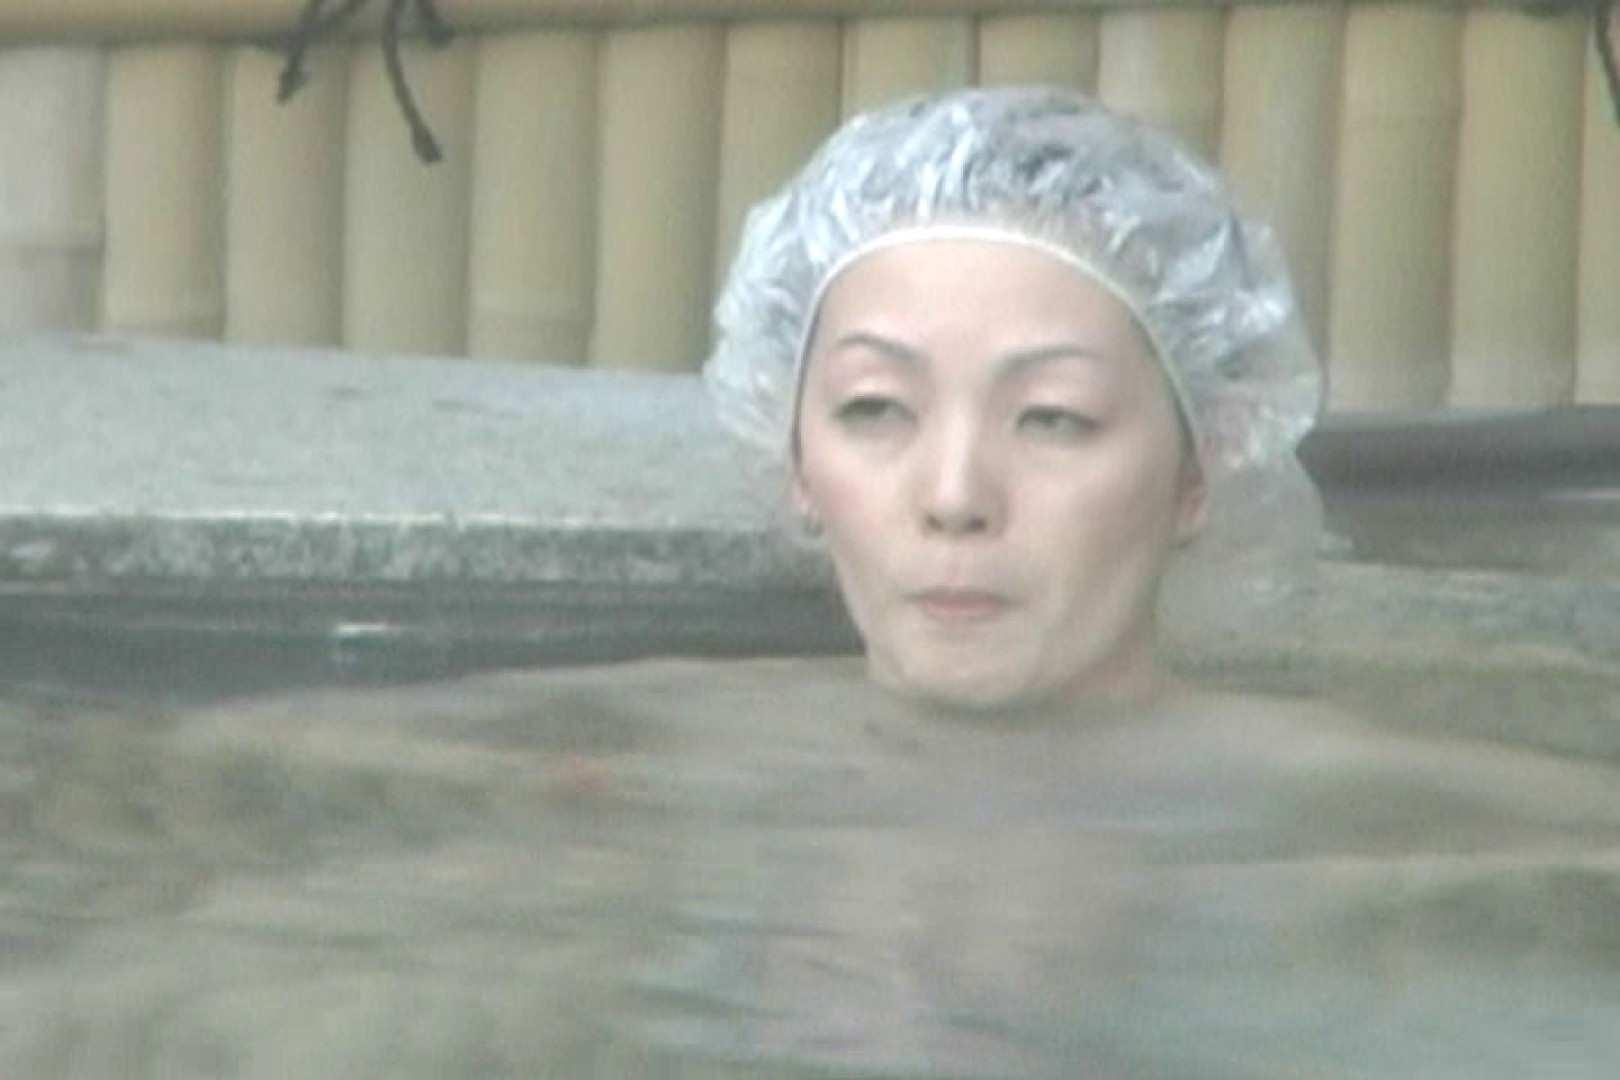 Aquaな露天風呂Vol.592 盗撮師作品 | 美しいOLの裸体  91pic 64